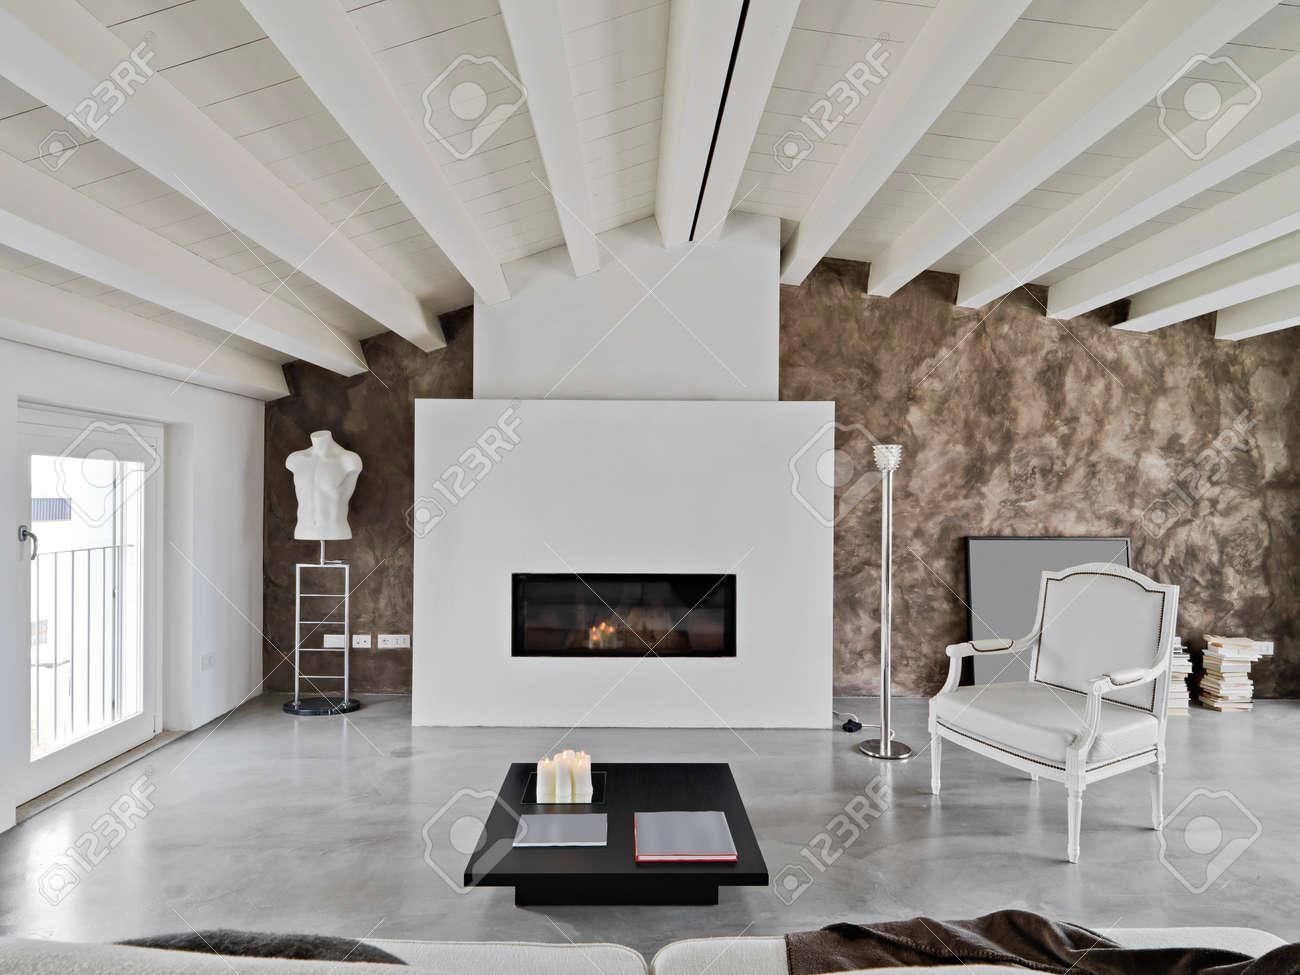 Moderne Wohnzimmer Mit Kamin Und Sofa Auf Dem Dachboden ...